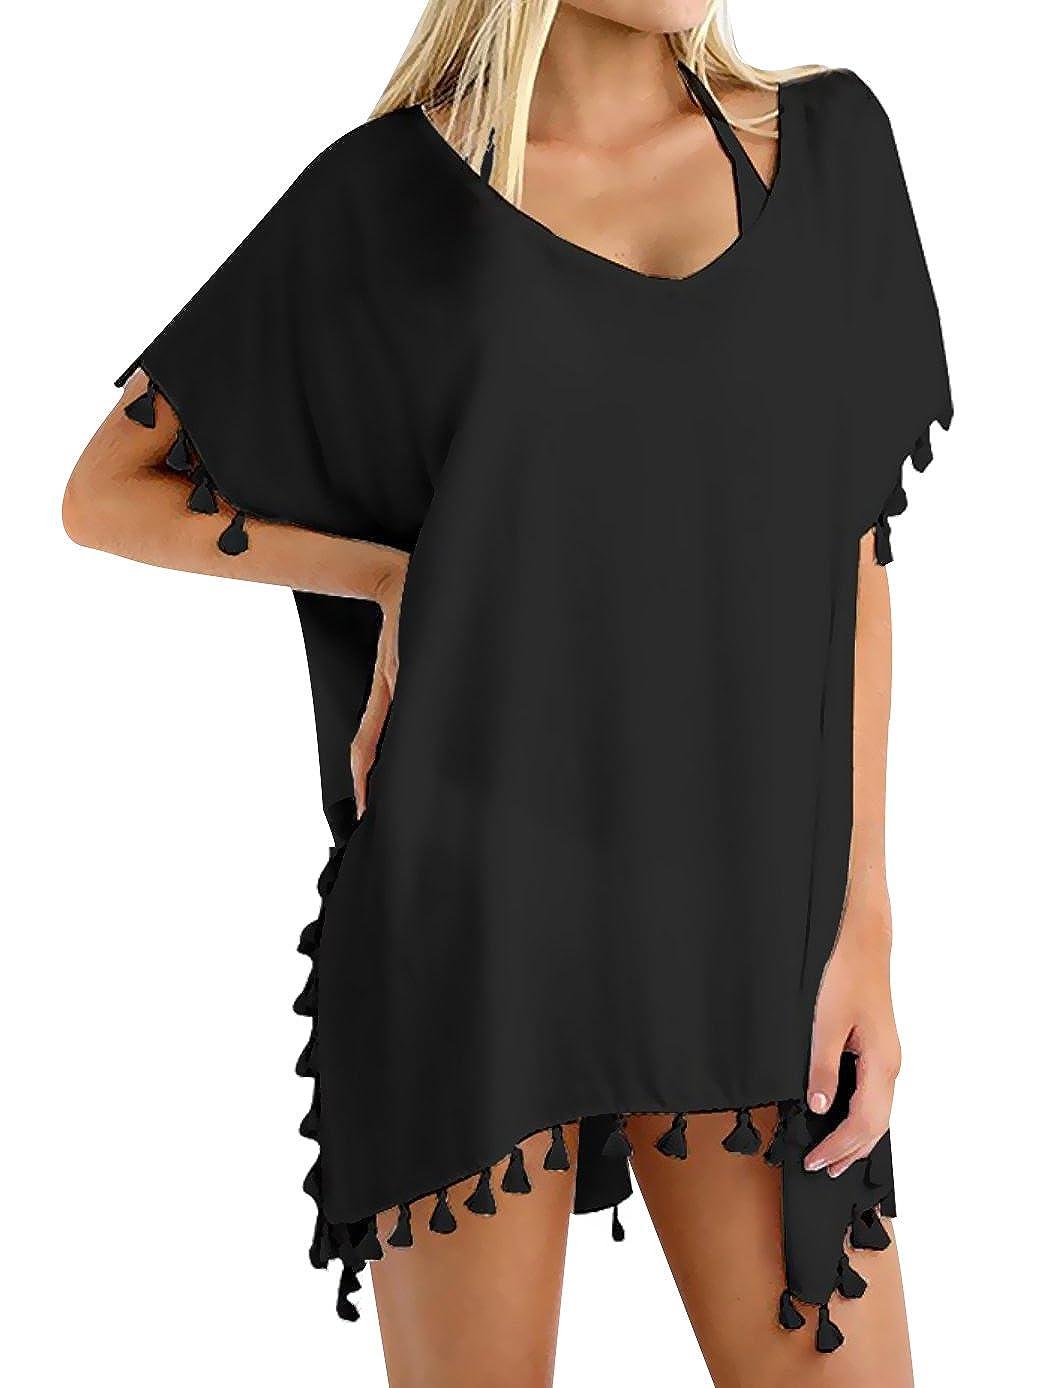 9eb4217564 Femmes Mousseline de Soie Gland Maillot de Bain Cache-Maillots de Bikini  Plage Couvrir Robe